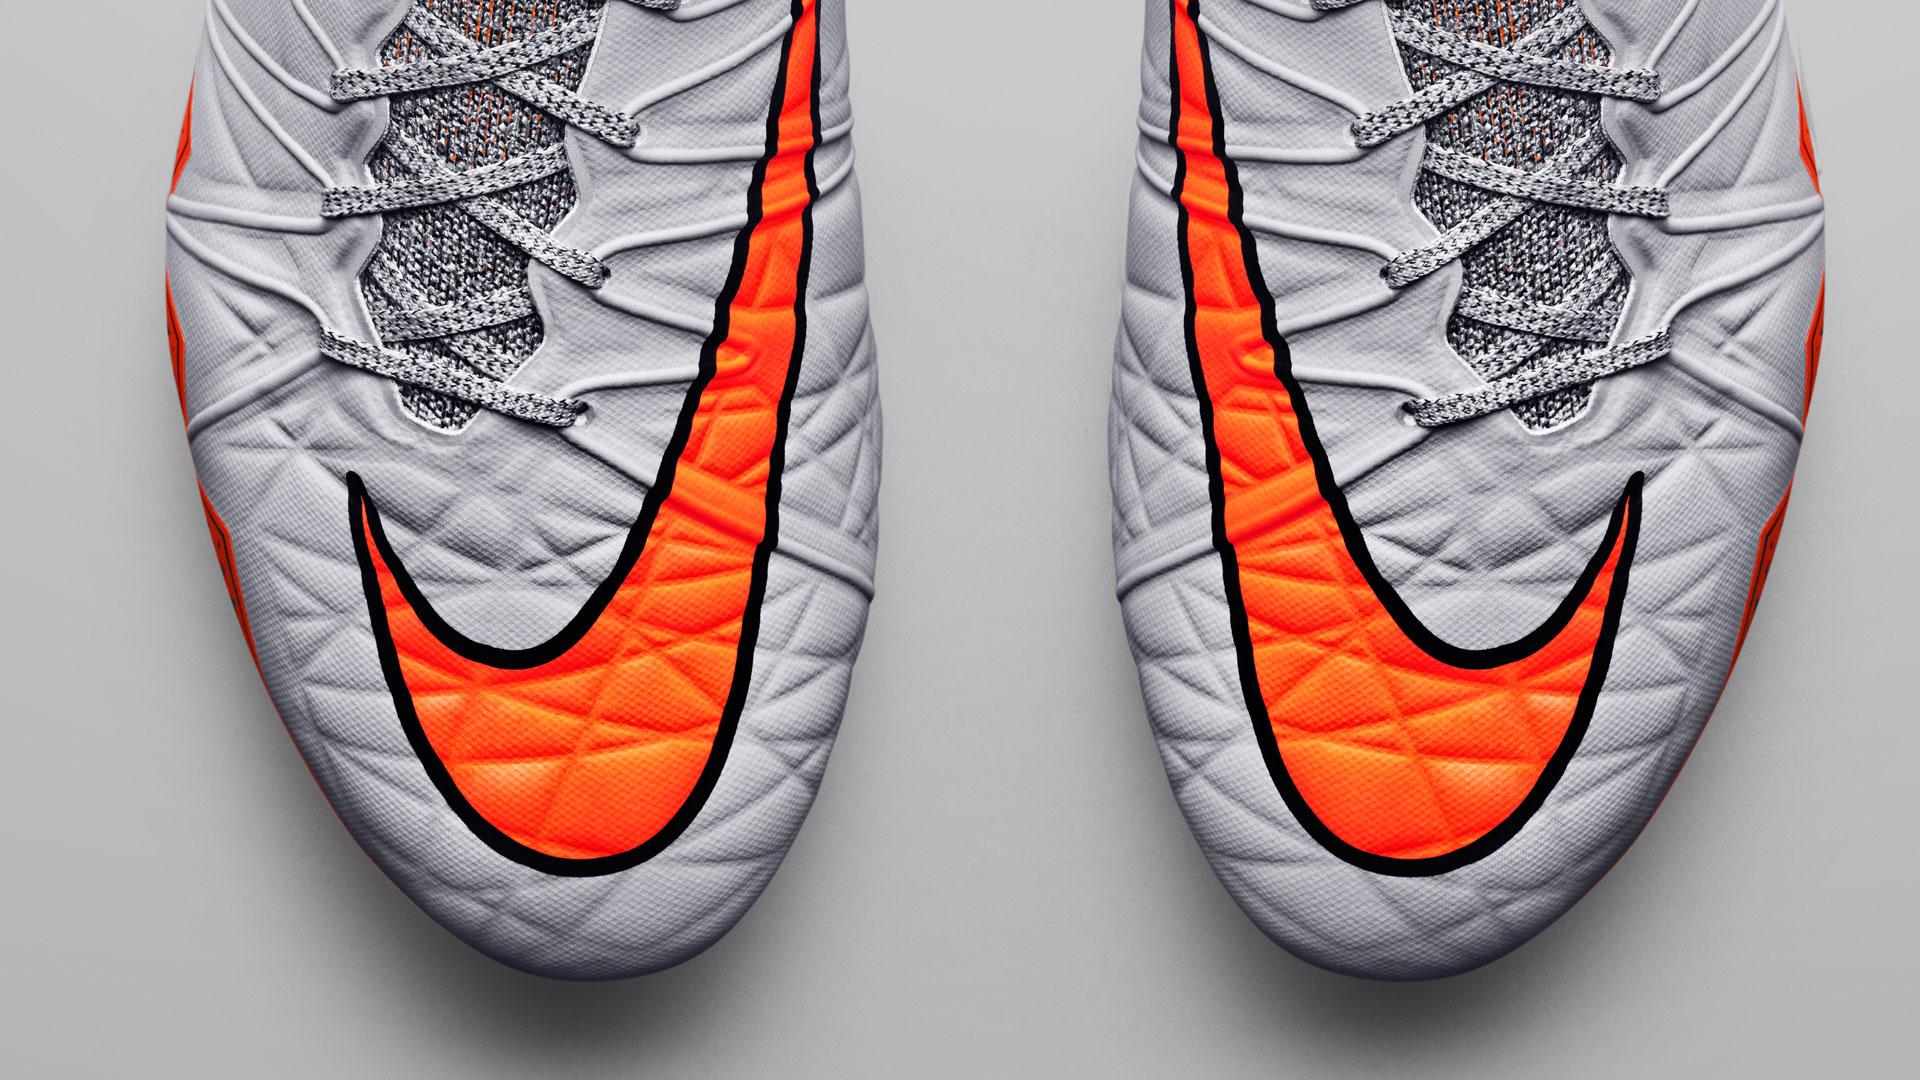 Nike Hypervenom II Flyknit